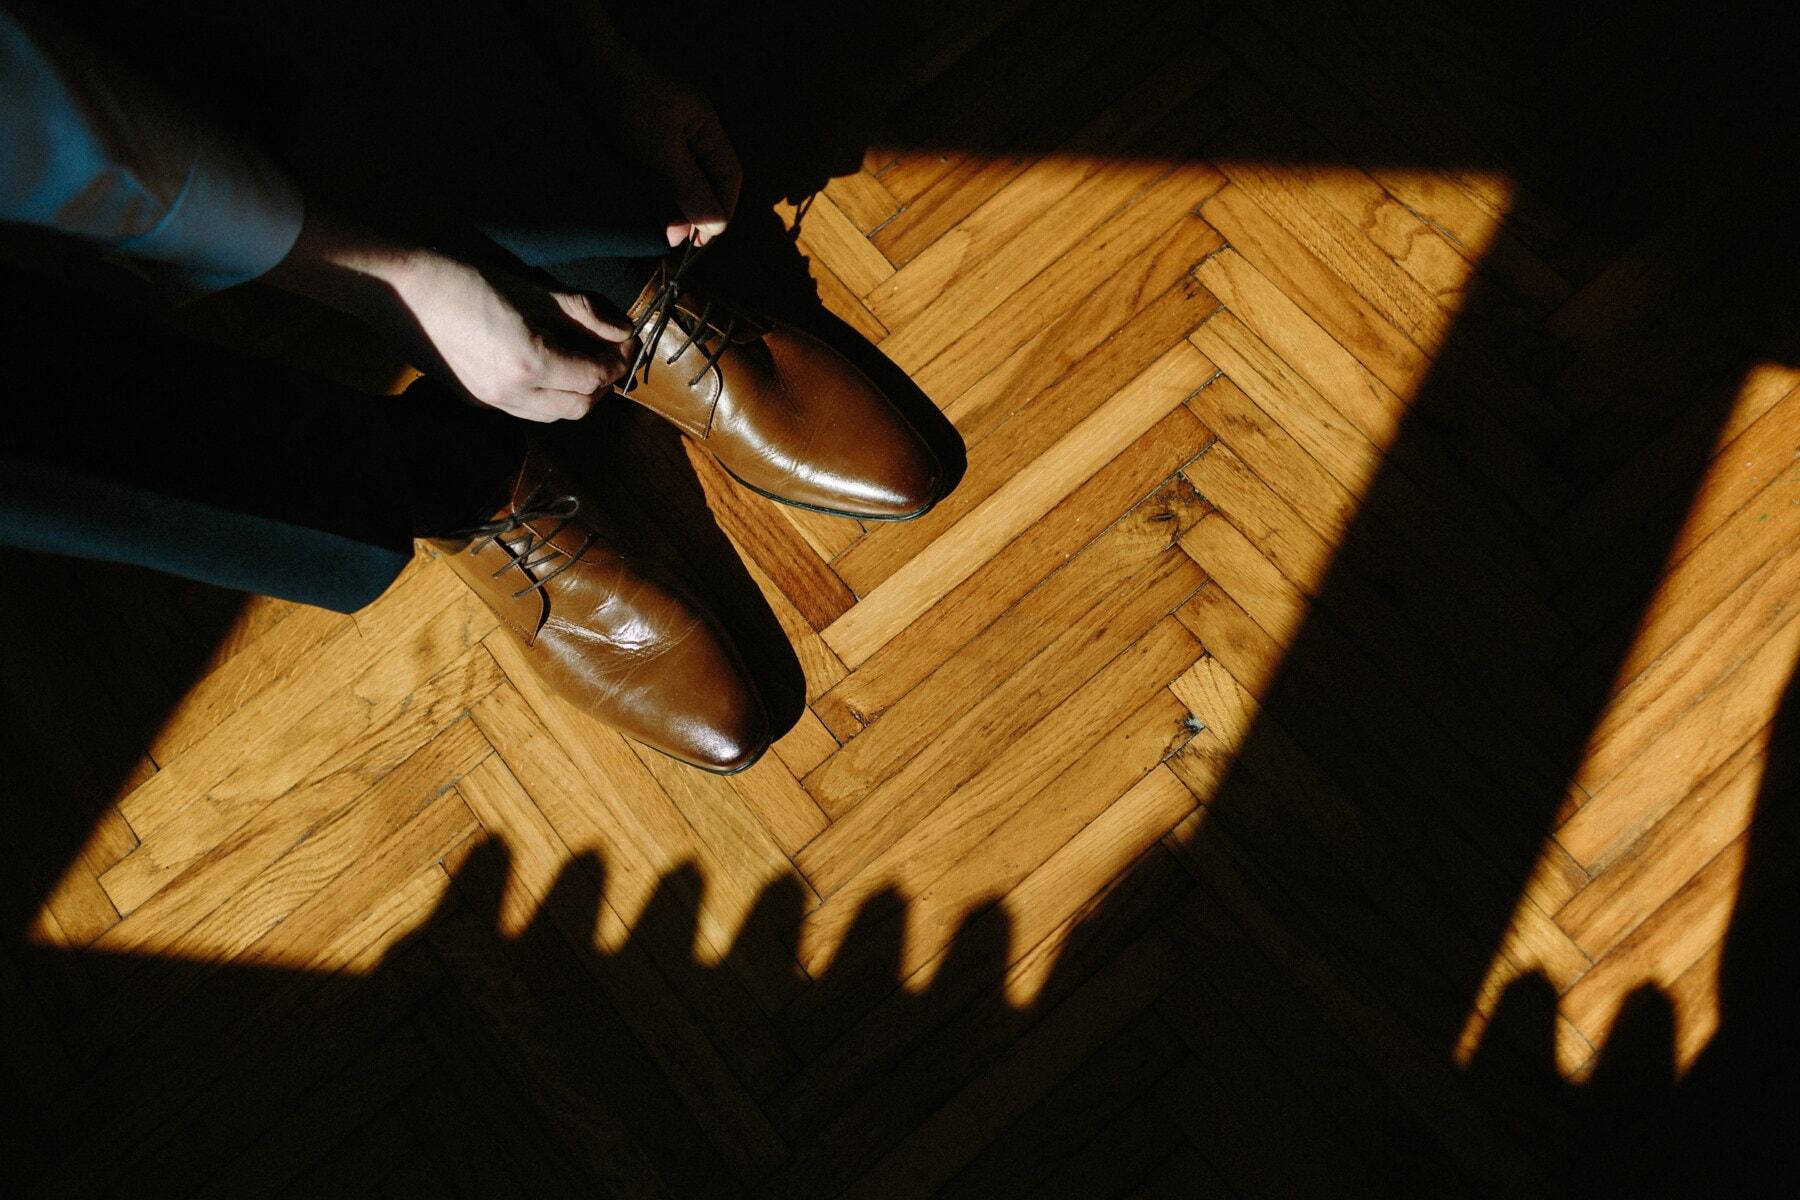 mains, ombre, lacet, chaussures, brun clair, parquet, plancher, bois franc, Jeans/Pantalons, costume de smoking